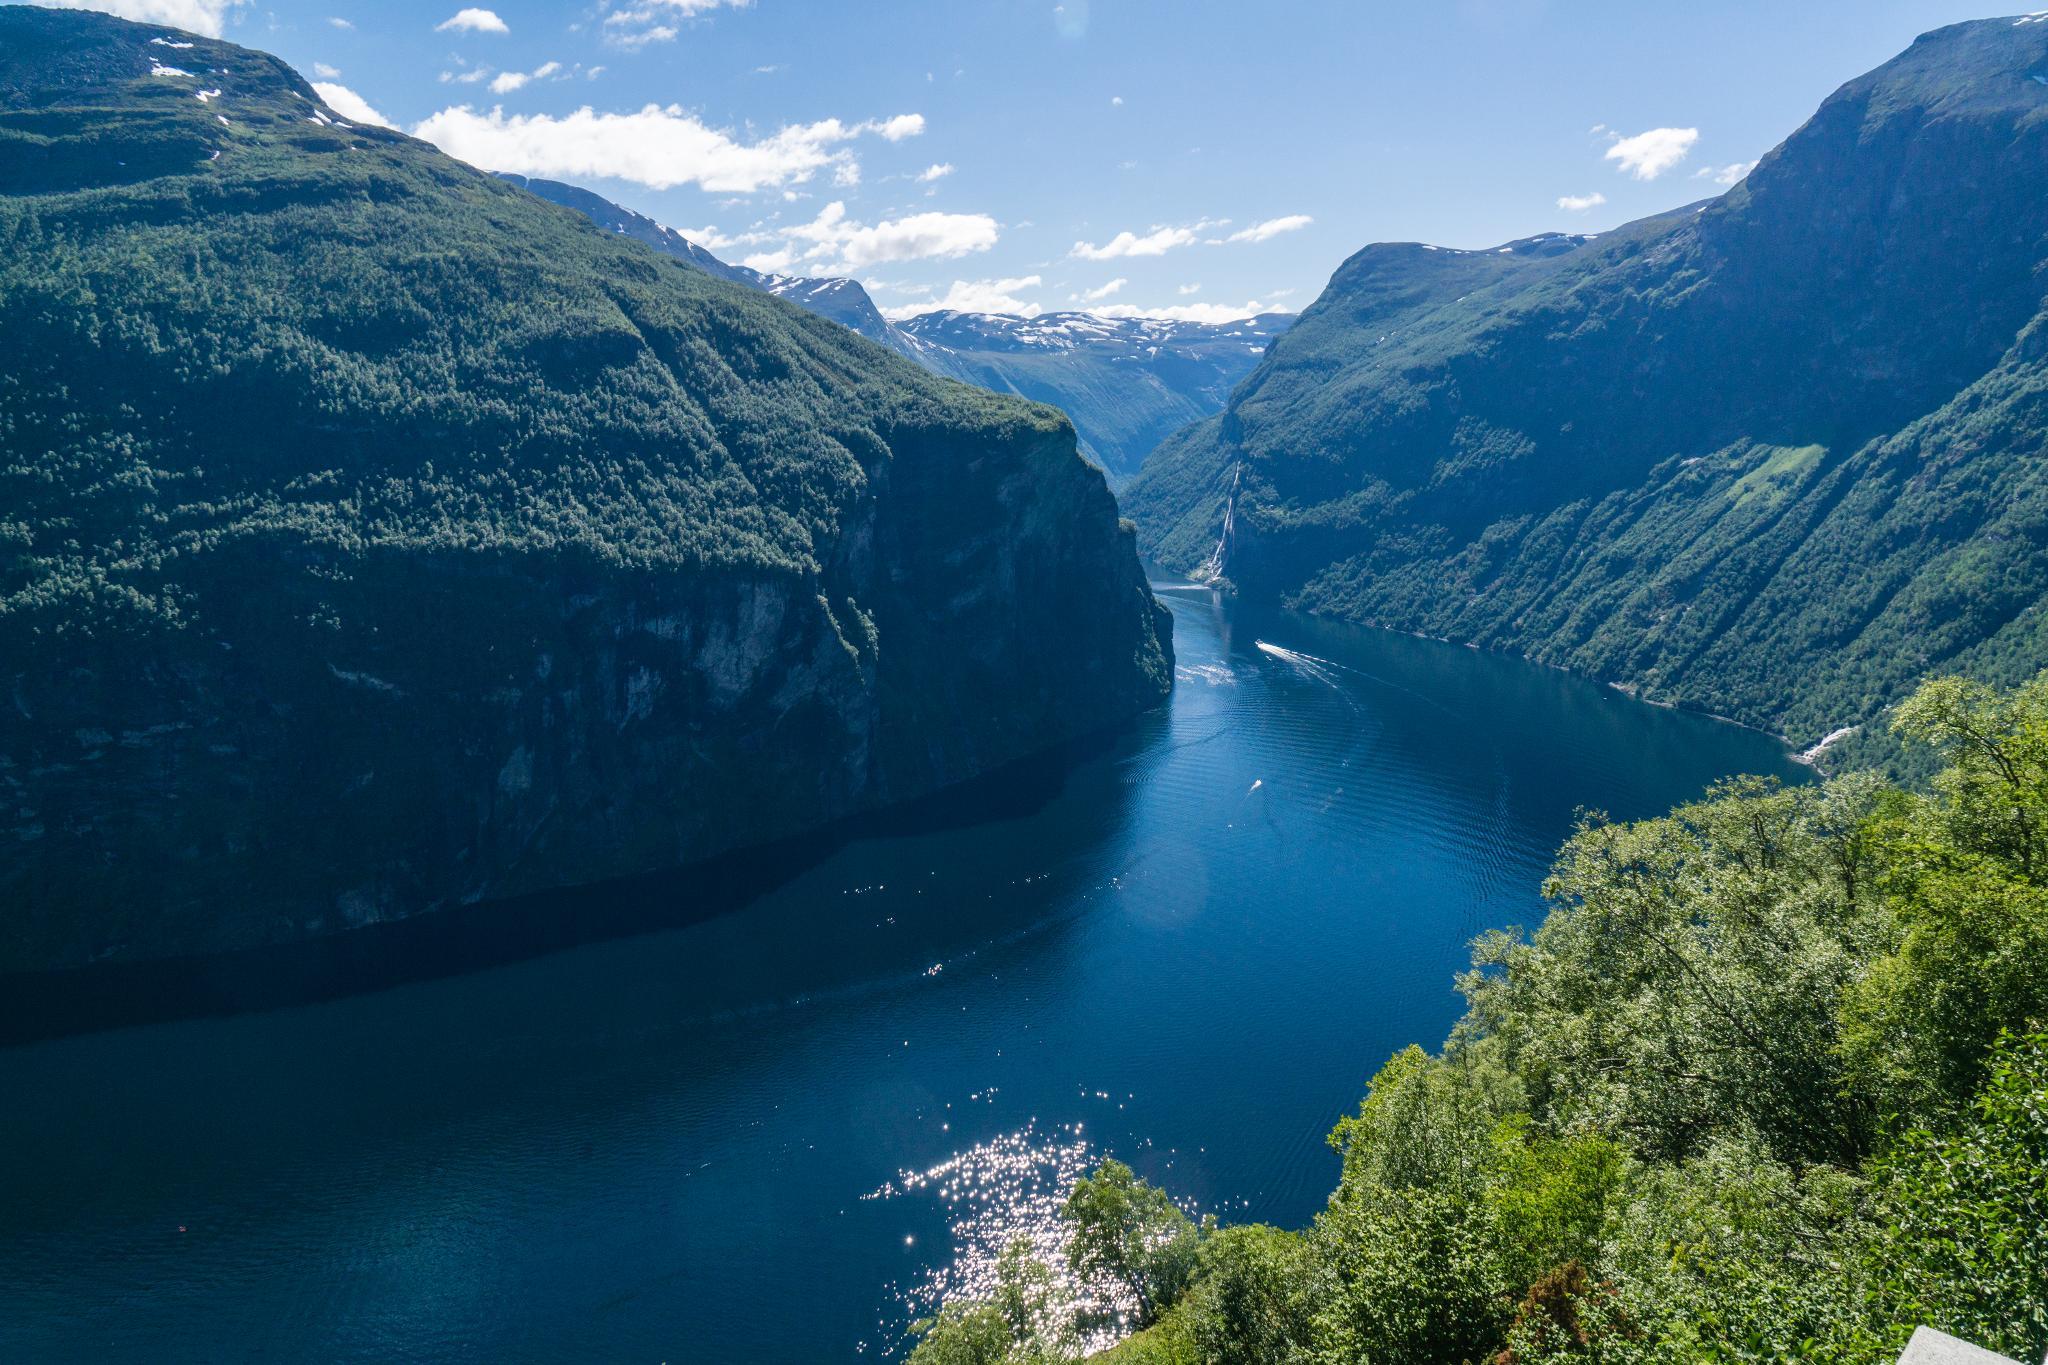 【北歐景點】Ørnesvingen 老鷹之路 ∣ 挪威世界遺產 — 蓋倫格峽灣景點總整理 14